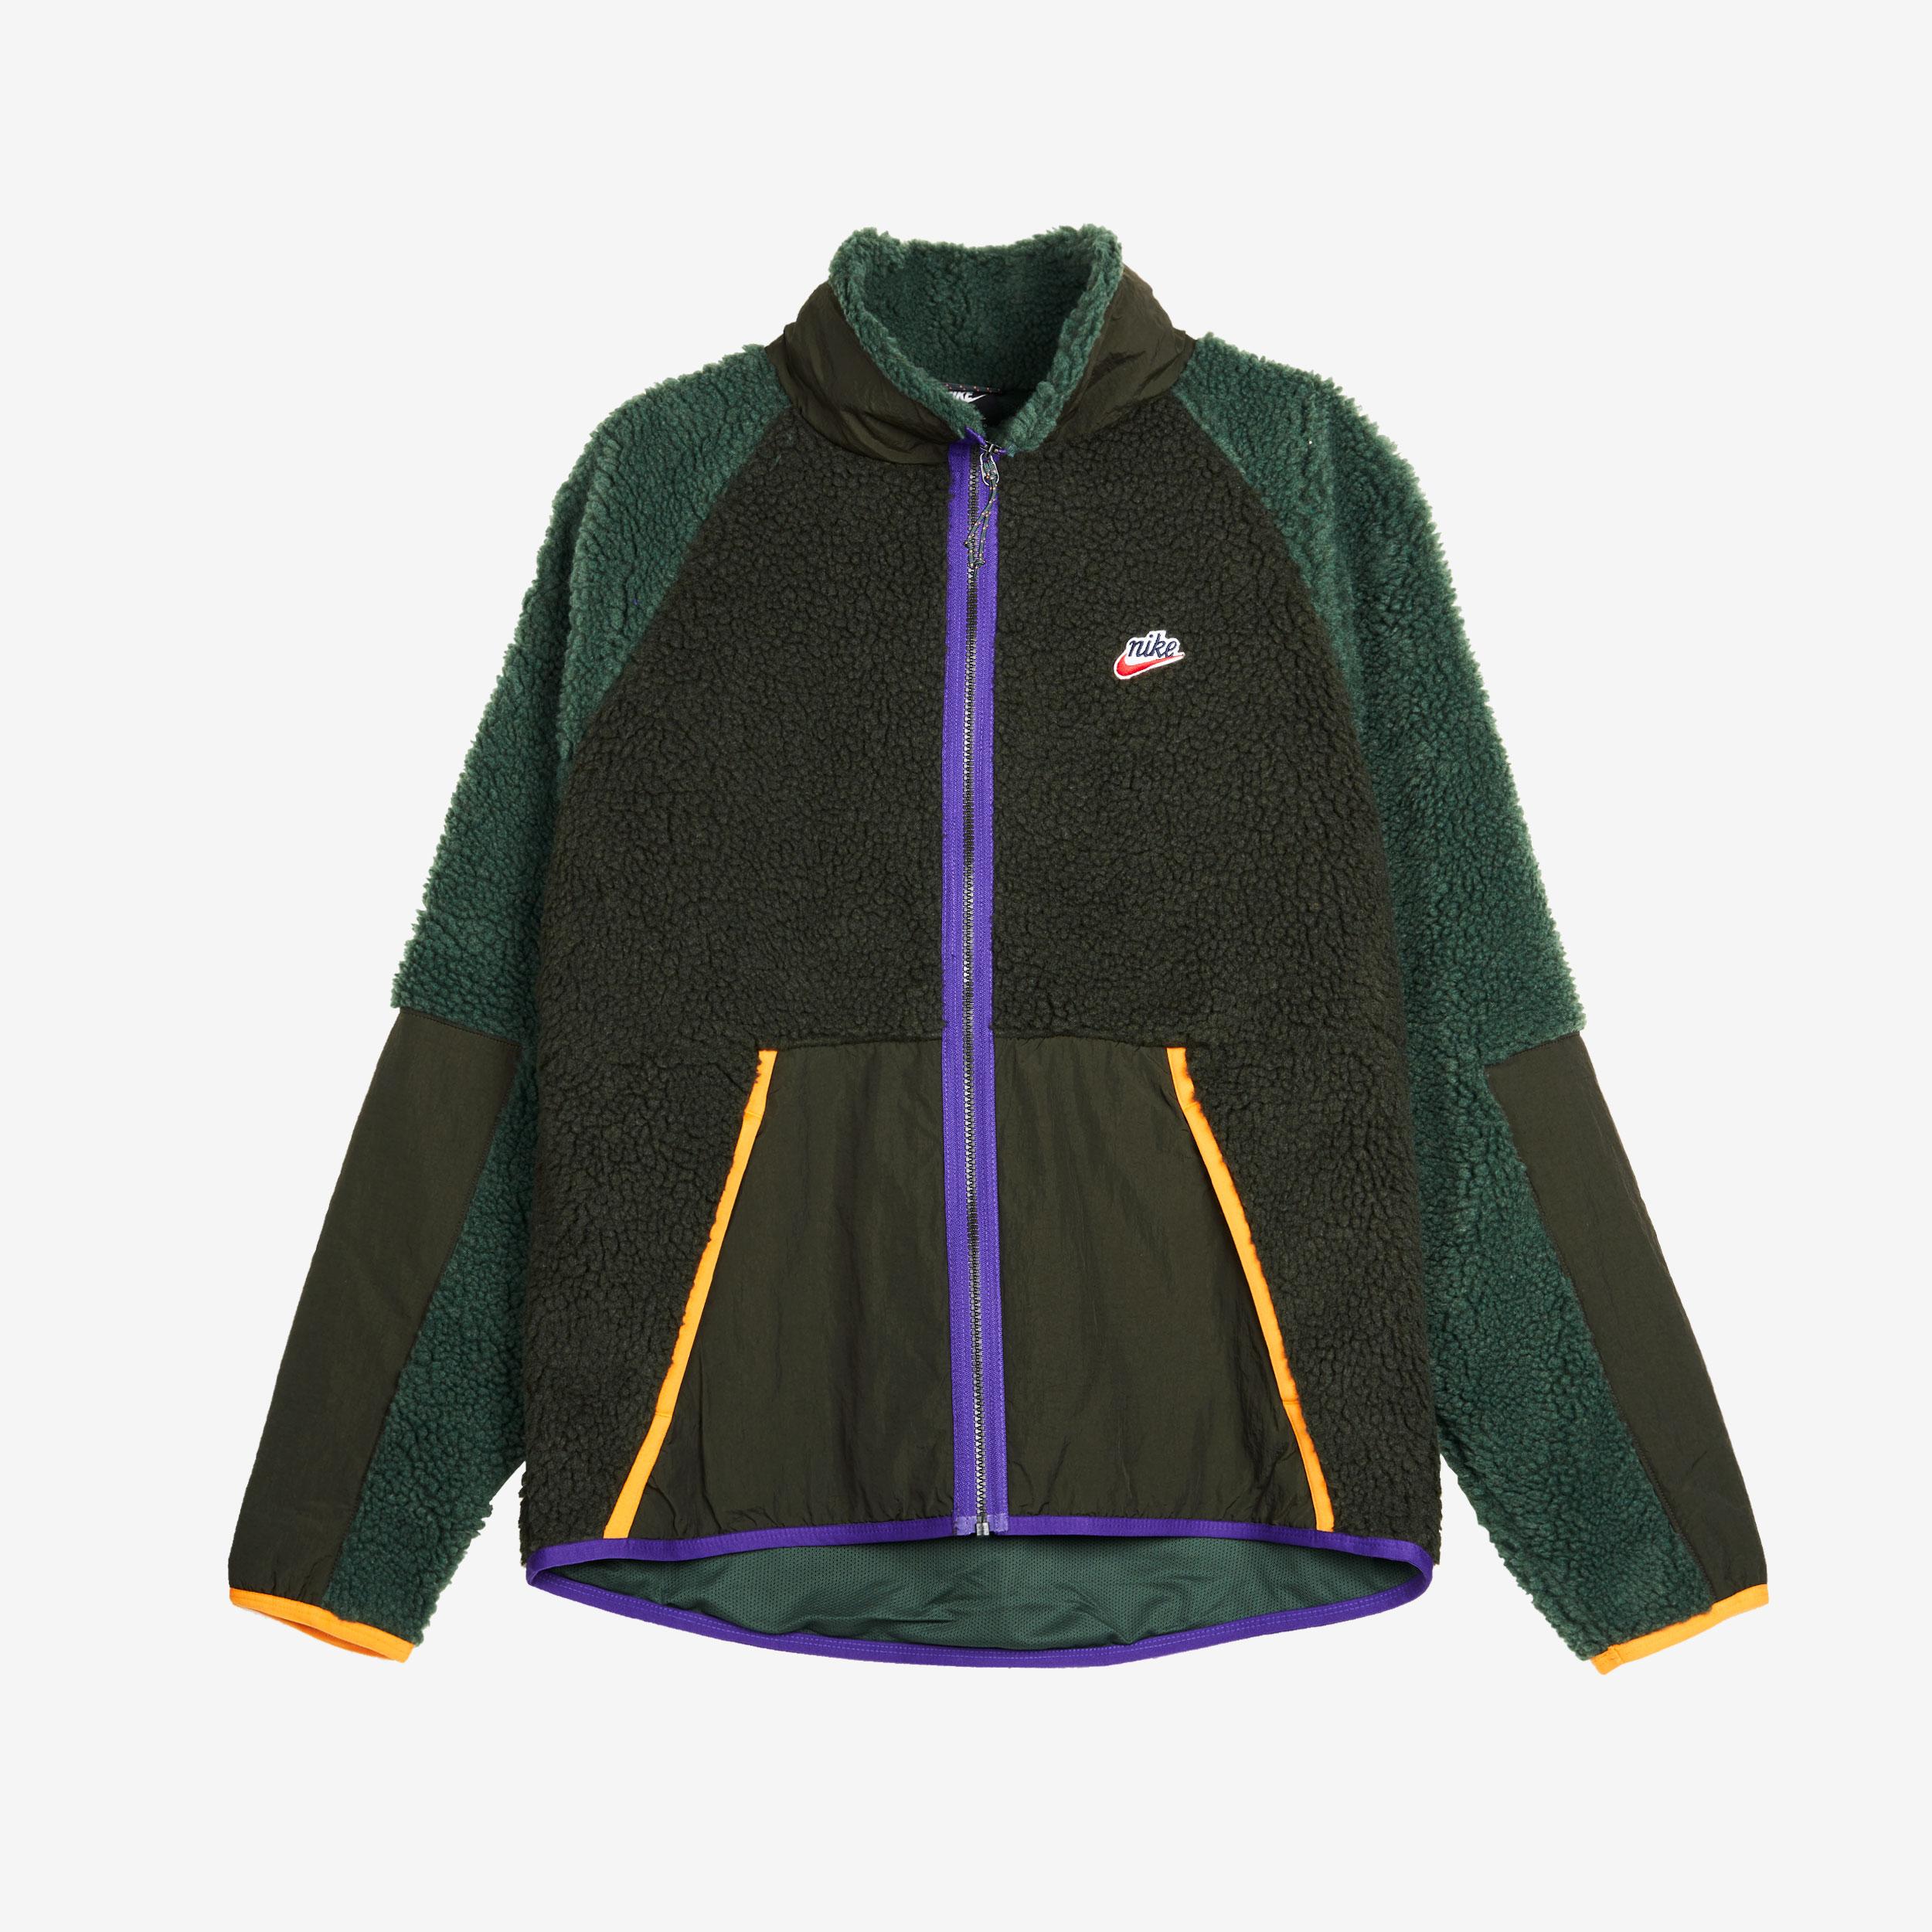 Nike HE Winter Sherpa Jacket Bv3720 355 Sneakersnstuff I